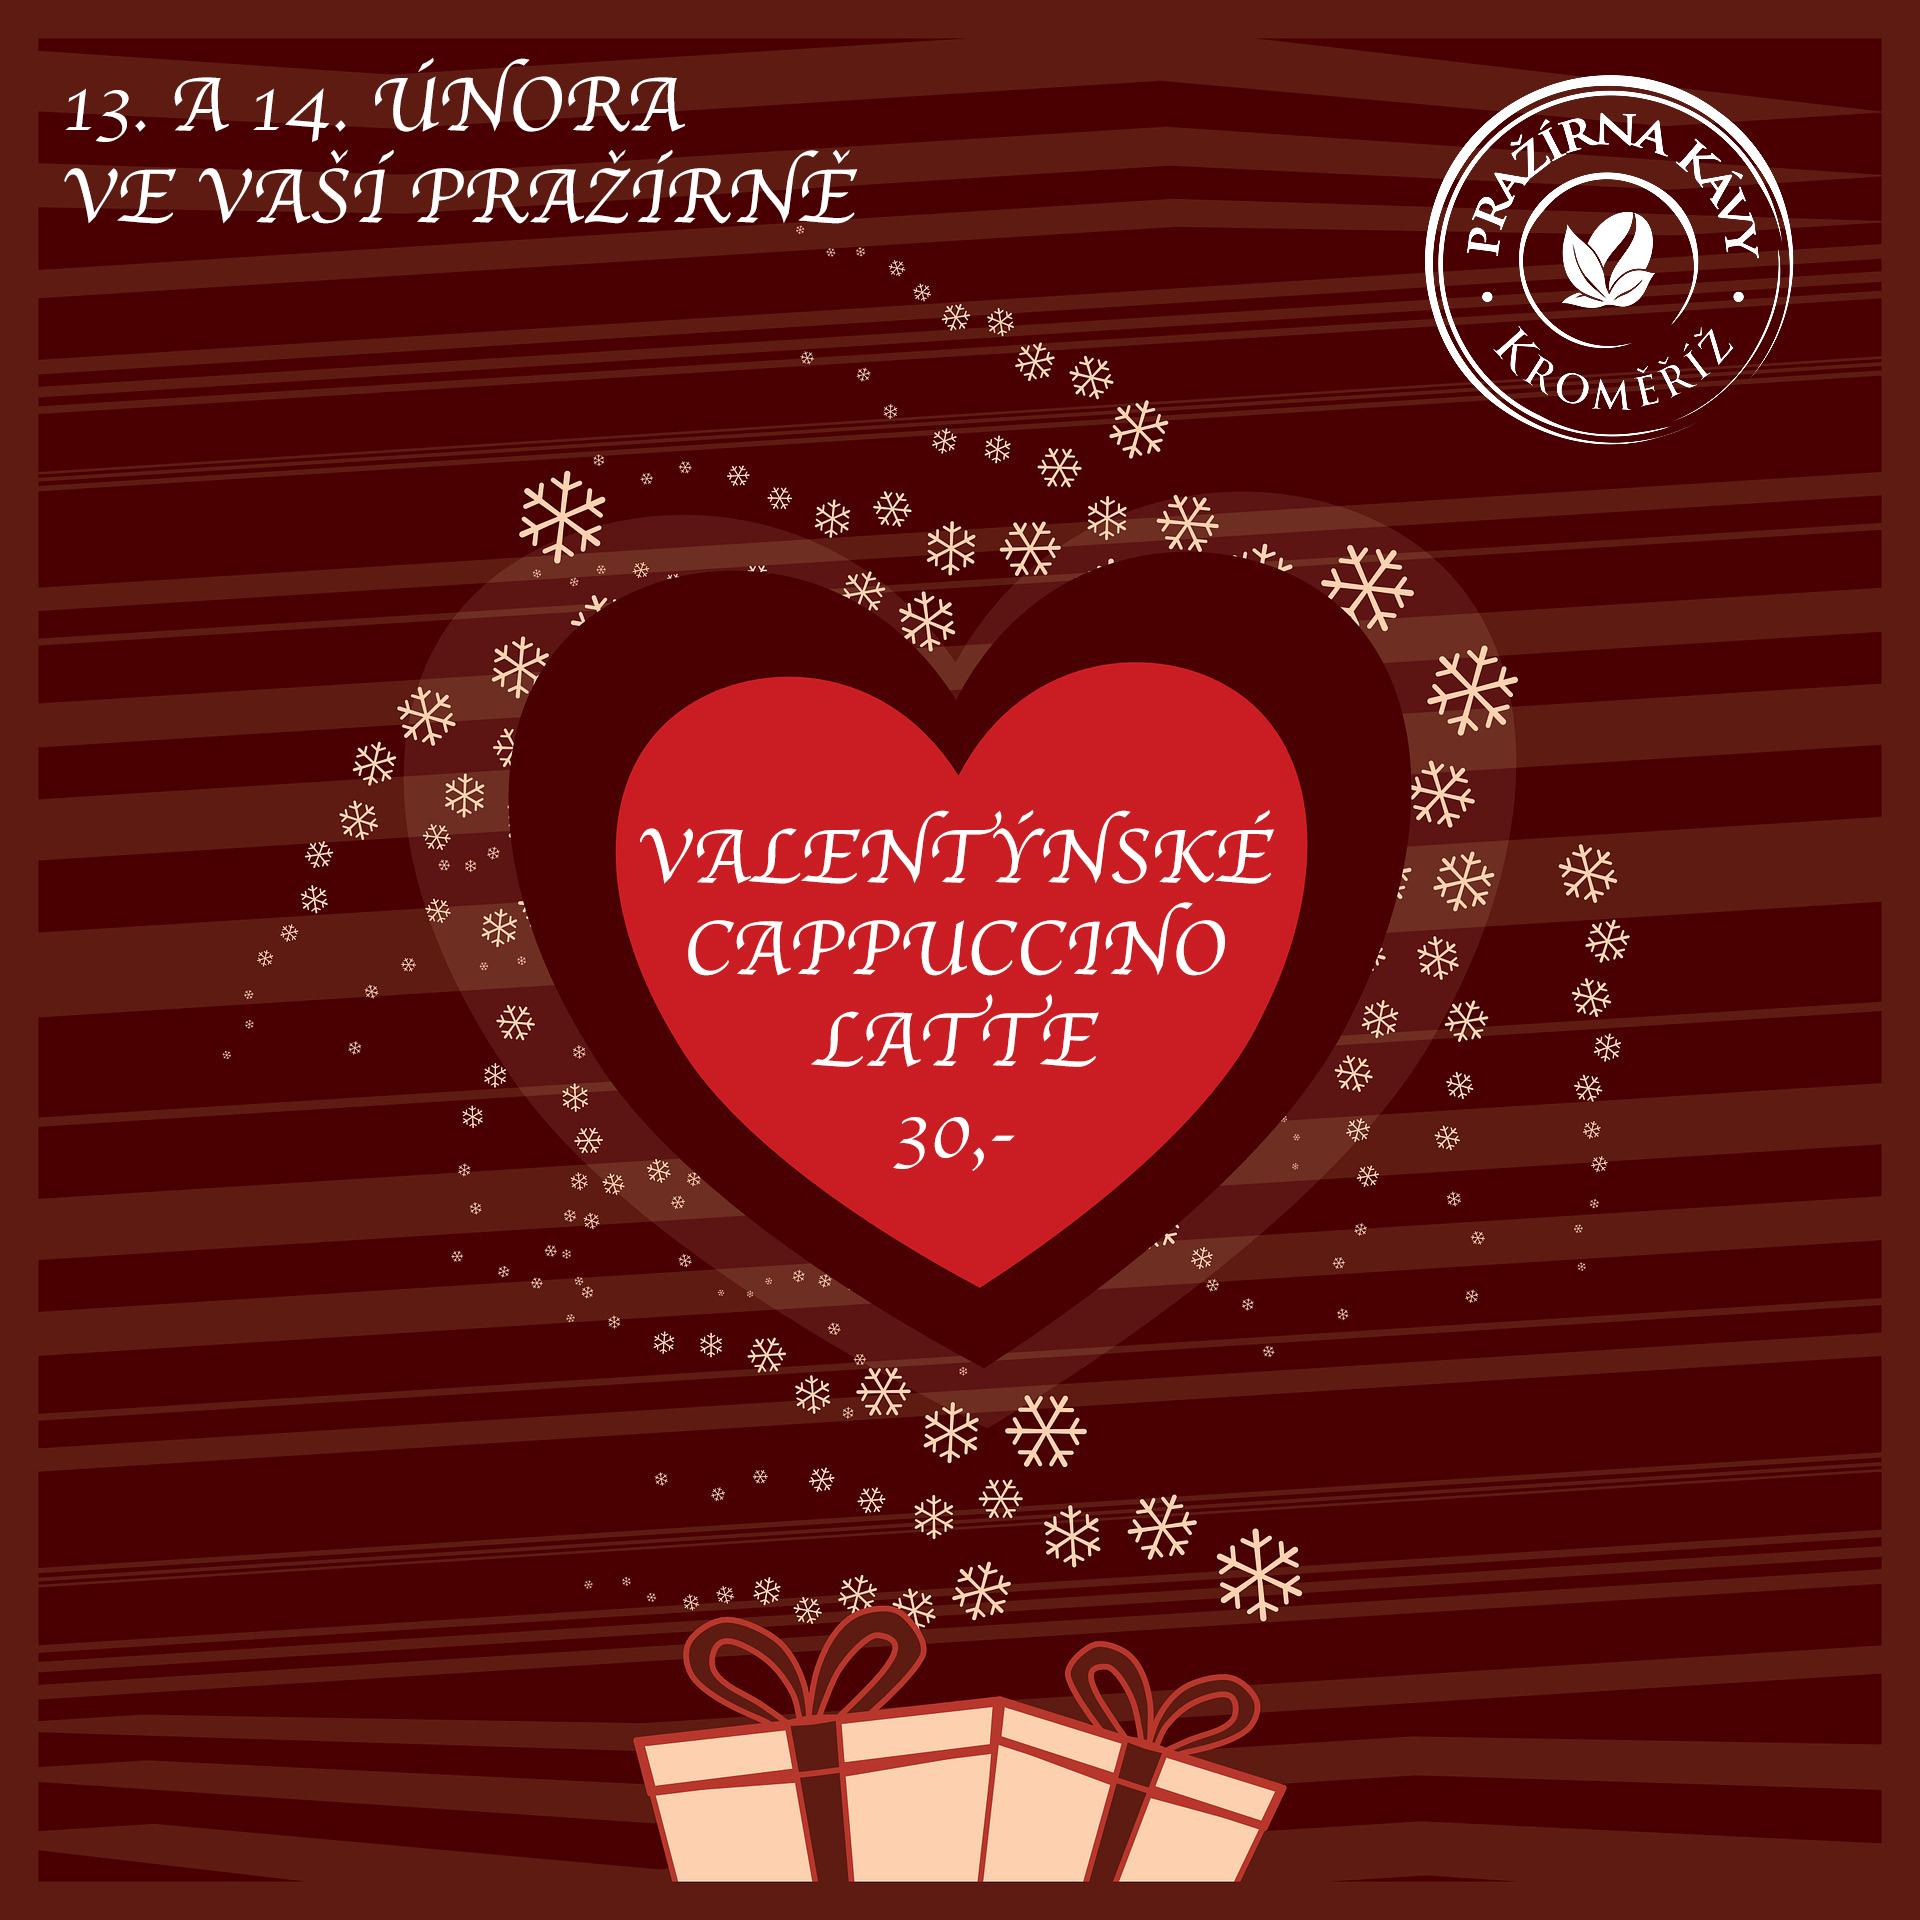 Valentýnské latte za 30,- ... již tento čtvrtek a pátek